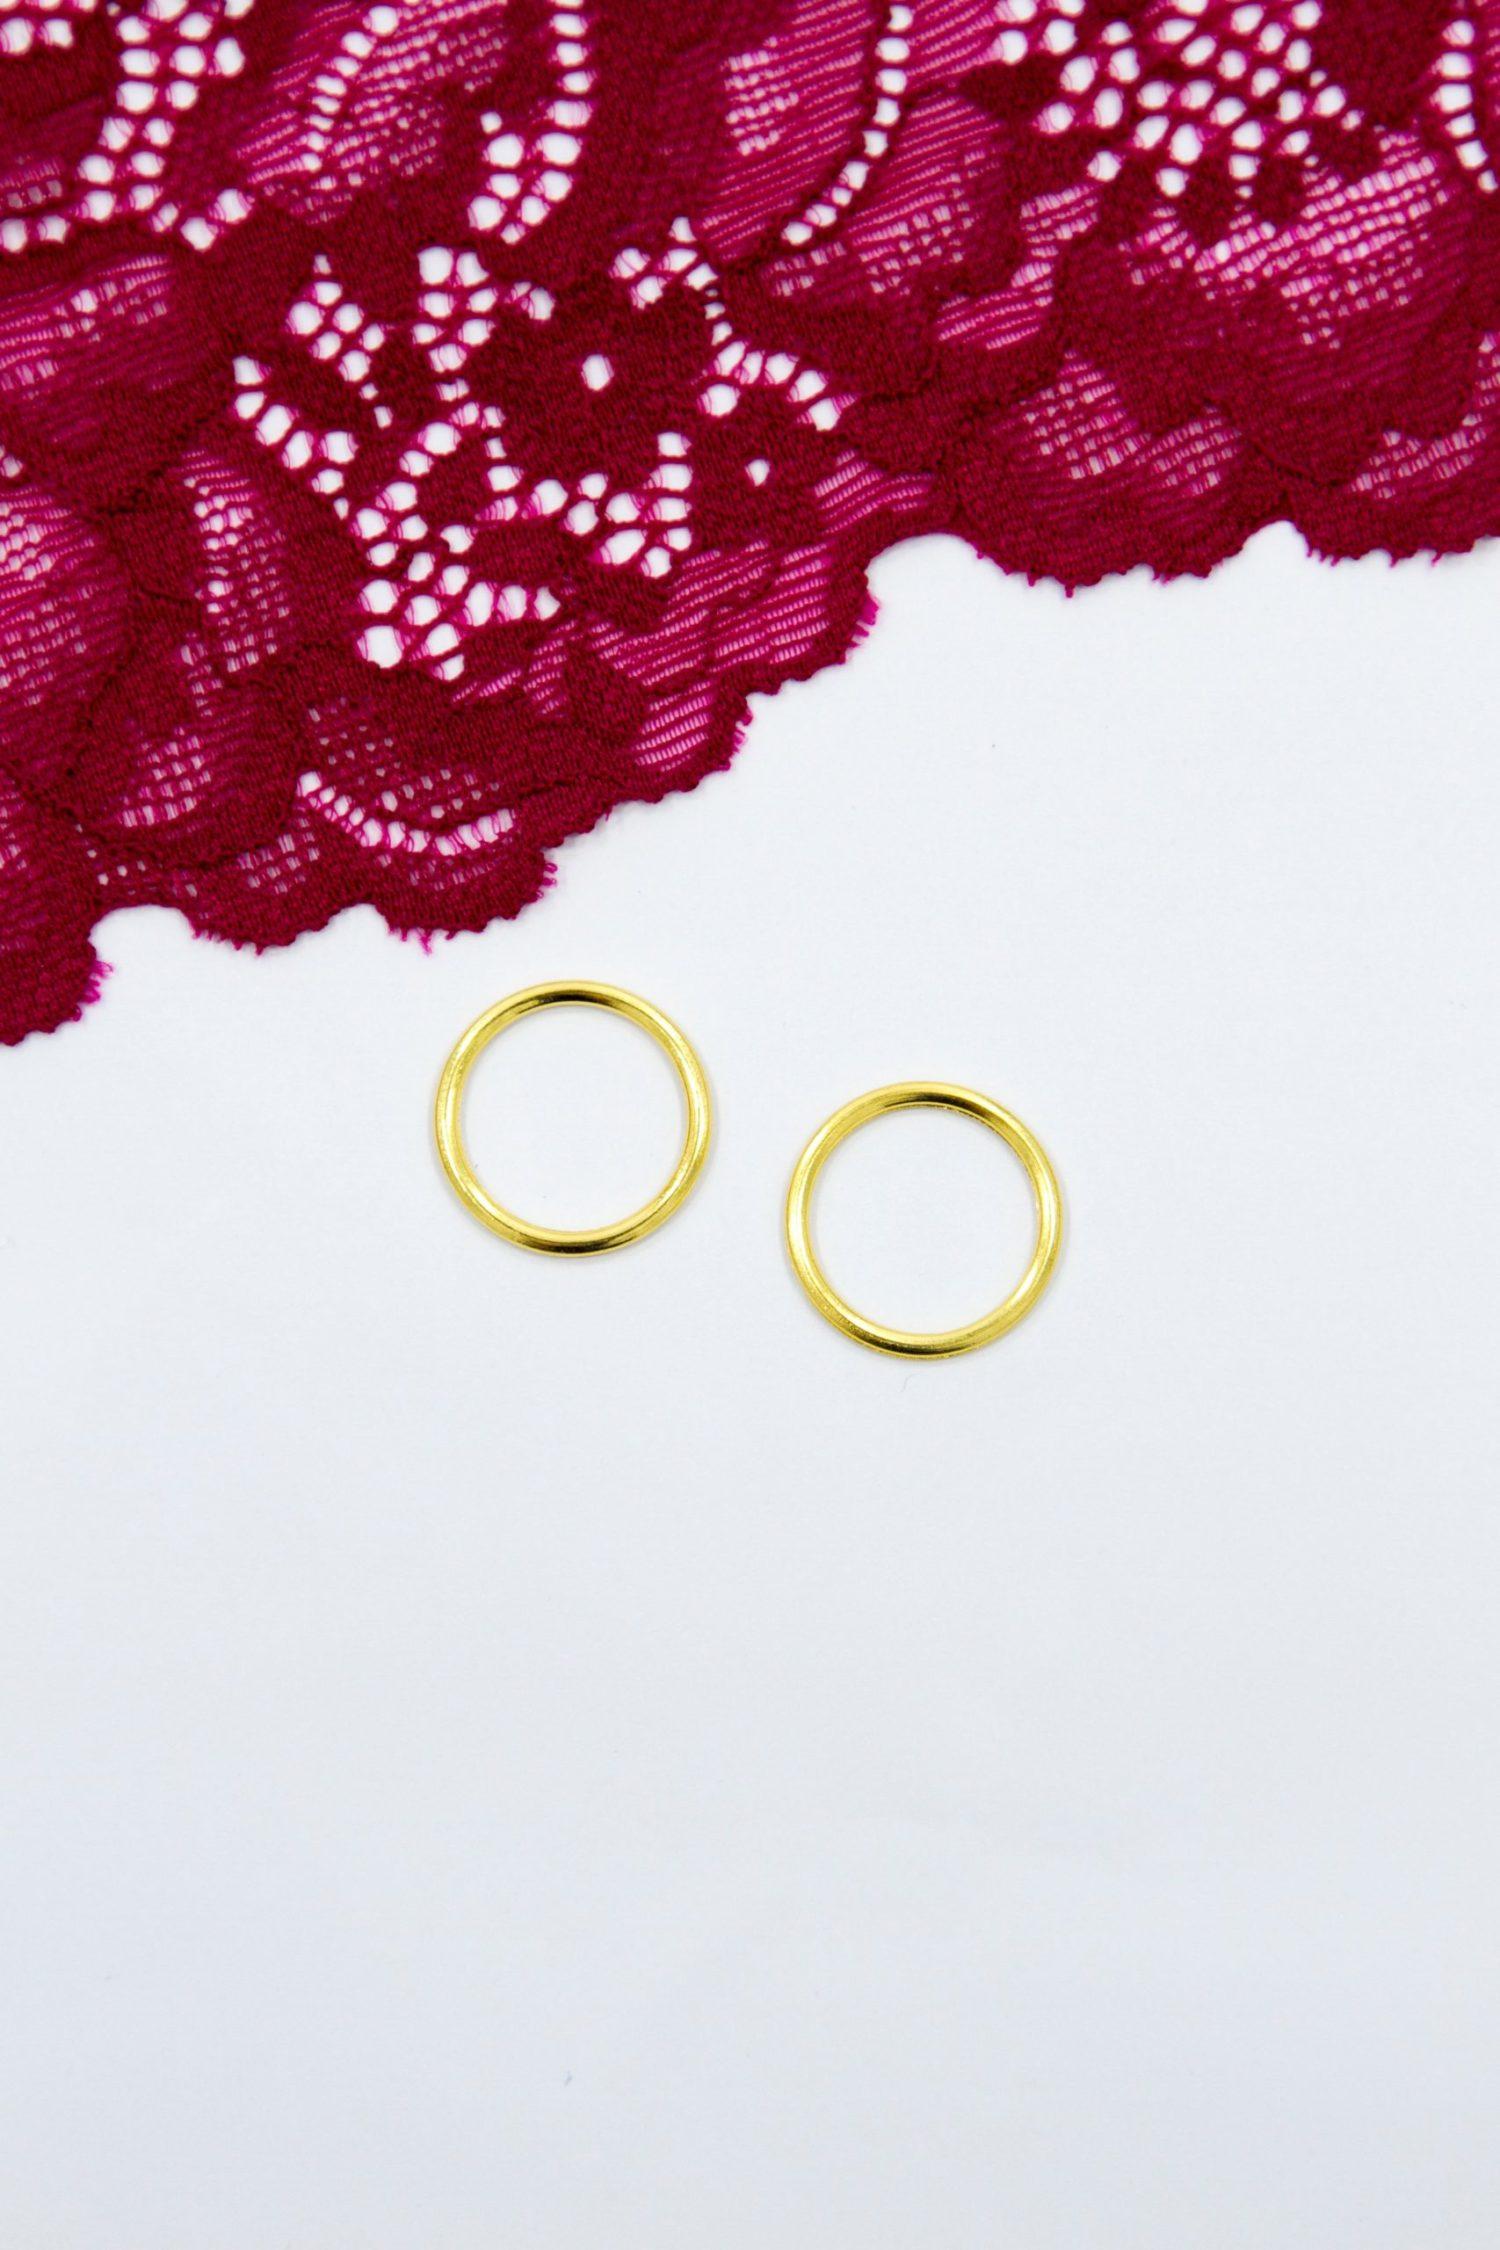 Кольцо металлическое бельевая фурнитура ∅1.5 см золото